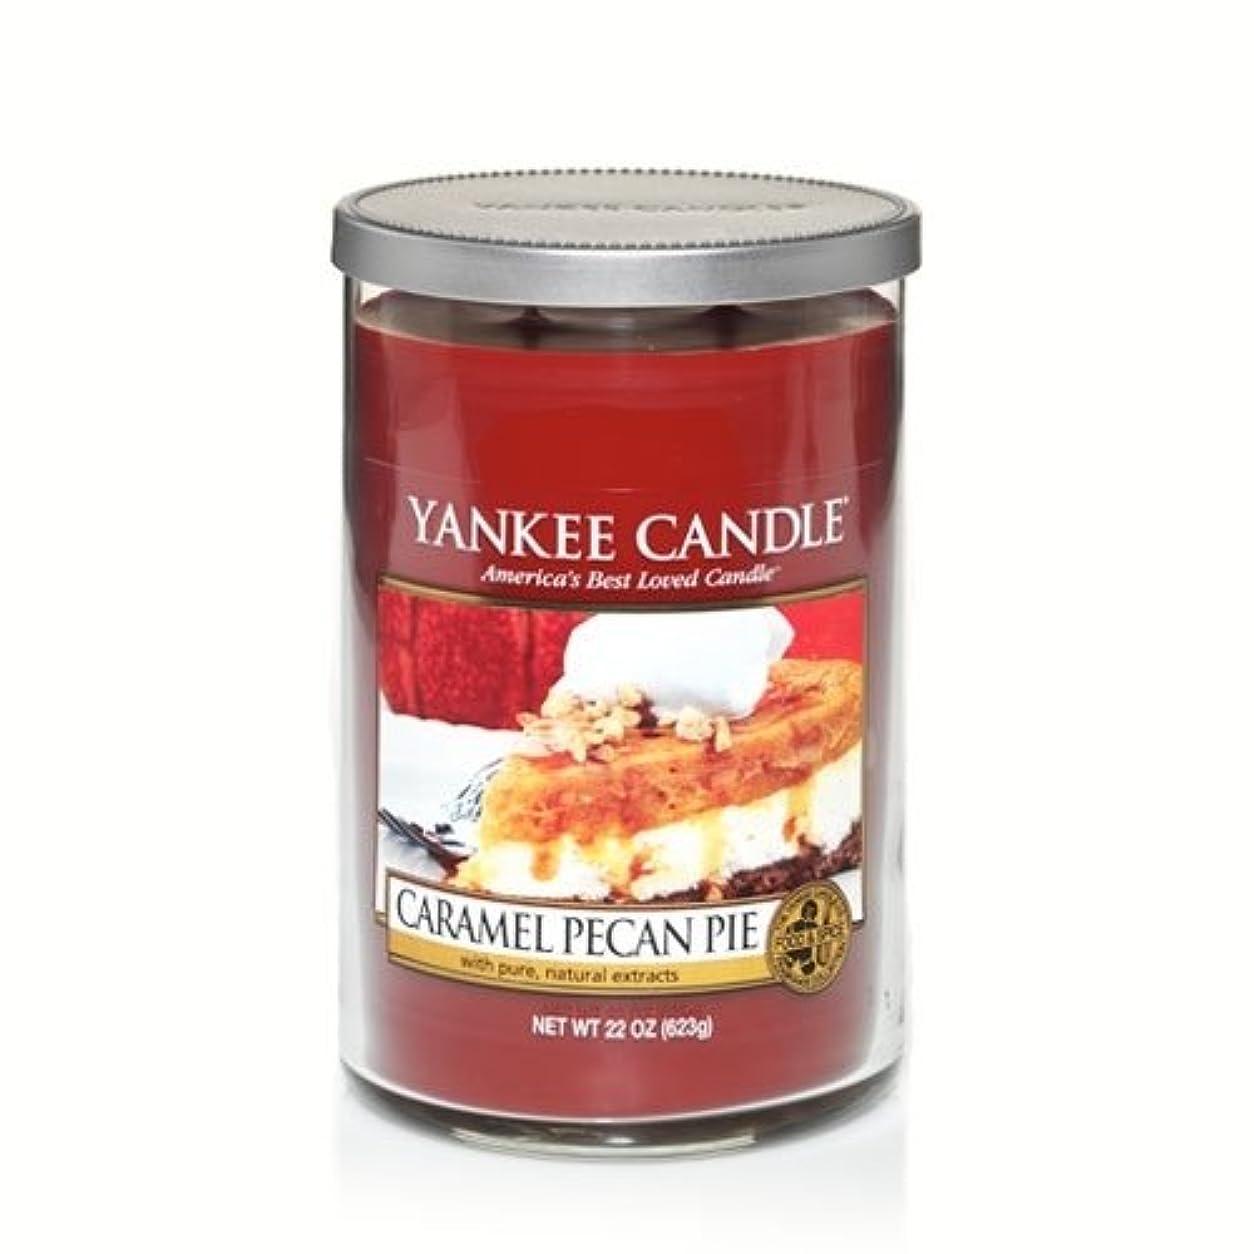 インタビューリラックス紳士気取りの、きざなYankee Candle Caramel Pecan Pie , Food & Spice香り Large Tumbler Candles 1245593-YC